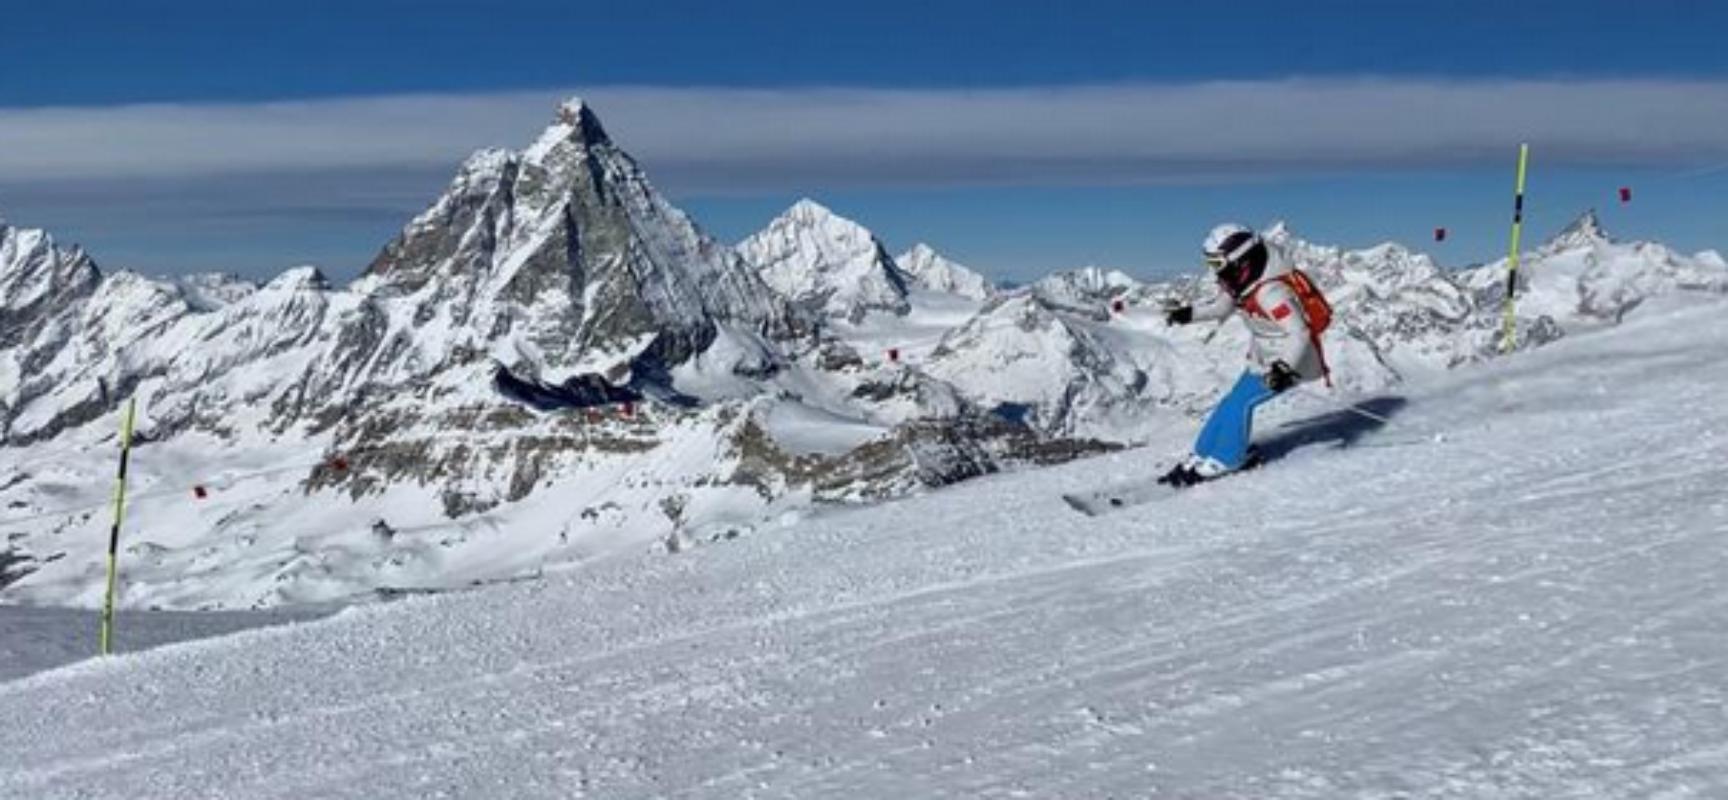 Zermatt / Matterhorn-Tourismus: